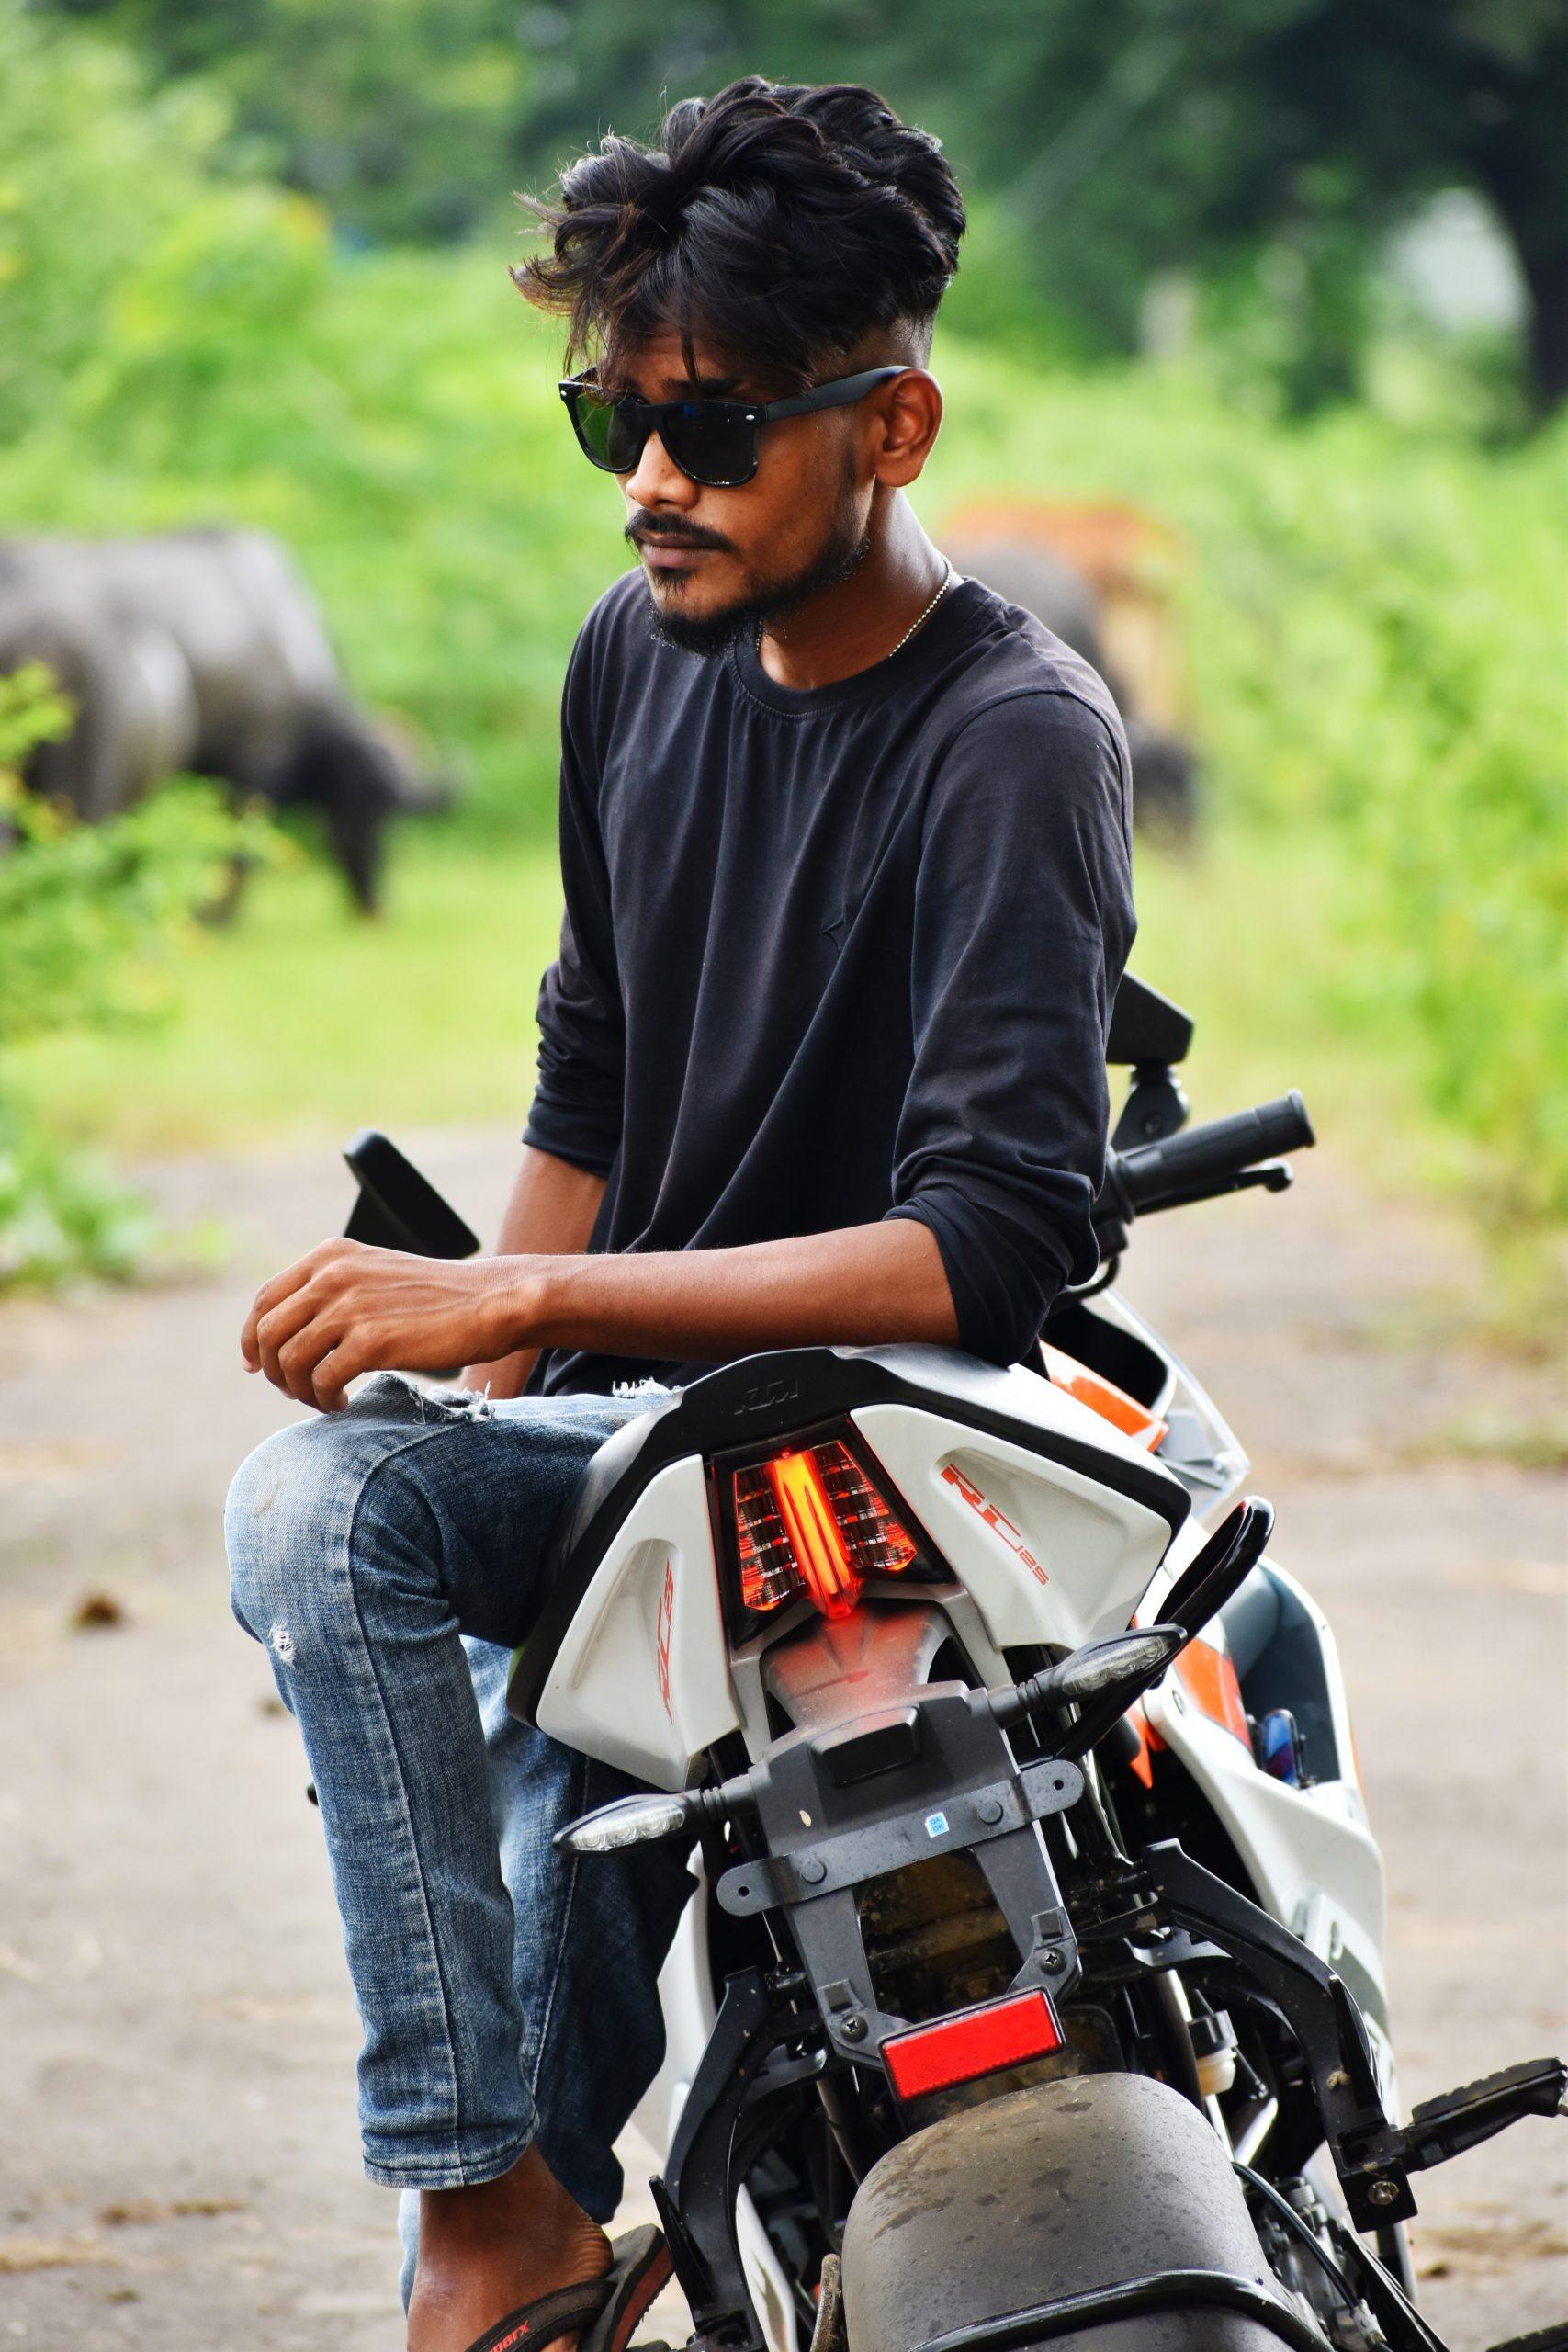 boy sitting on a bike